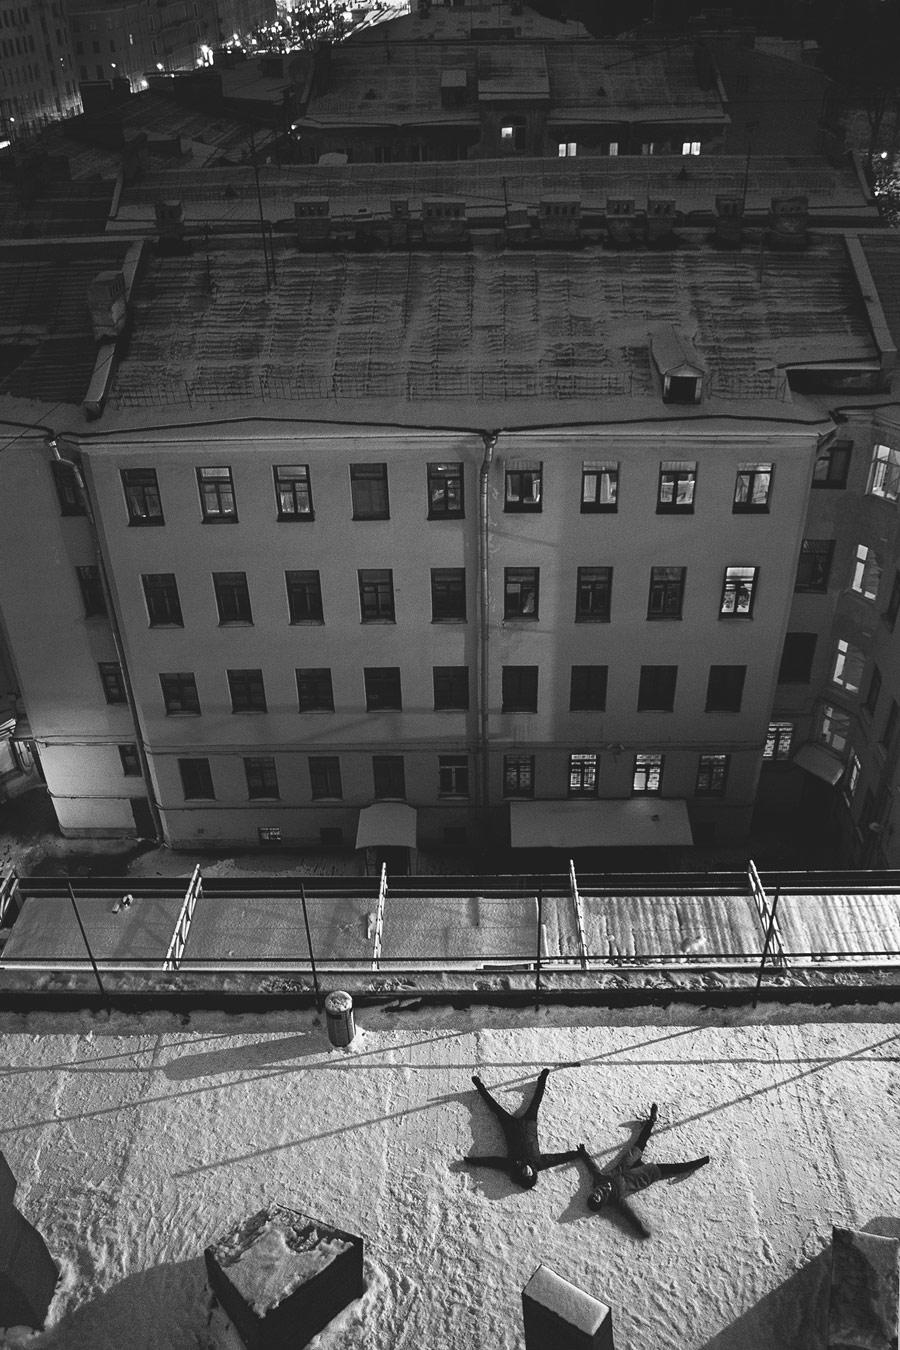 Омар Шакшак, На последнем этаже, 1 место в номинации «Люди», любители, Фотоконкурс Nikon «Я в сердце изображения»